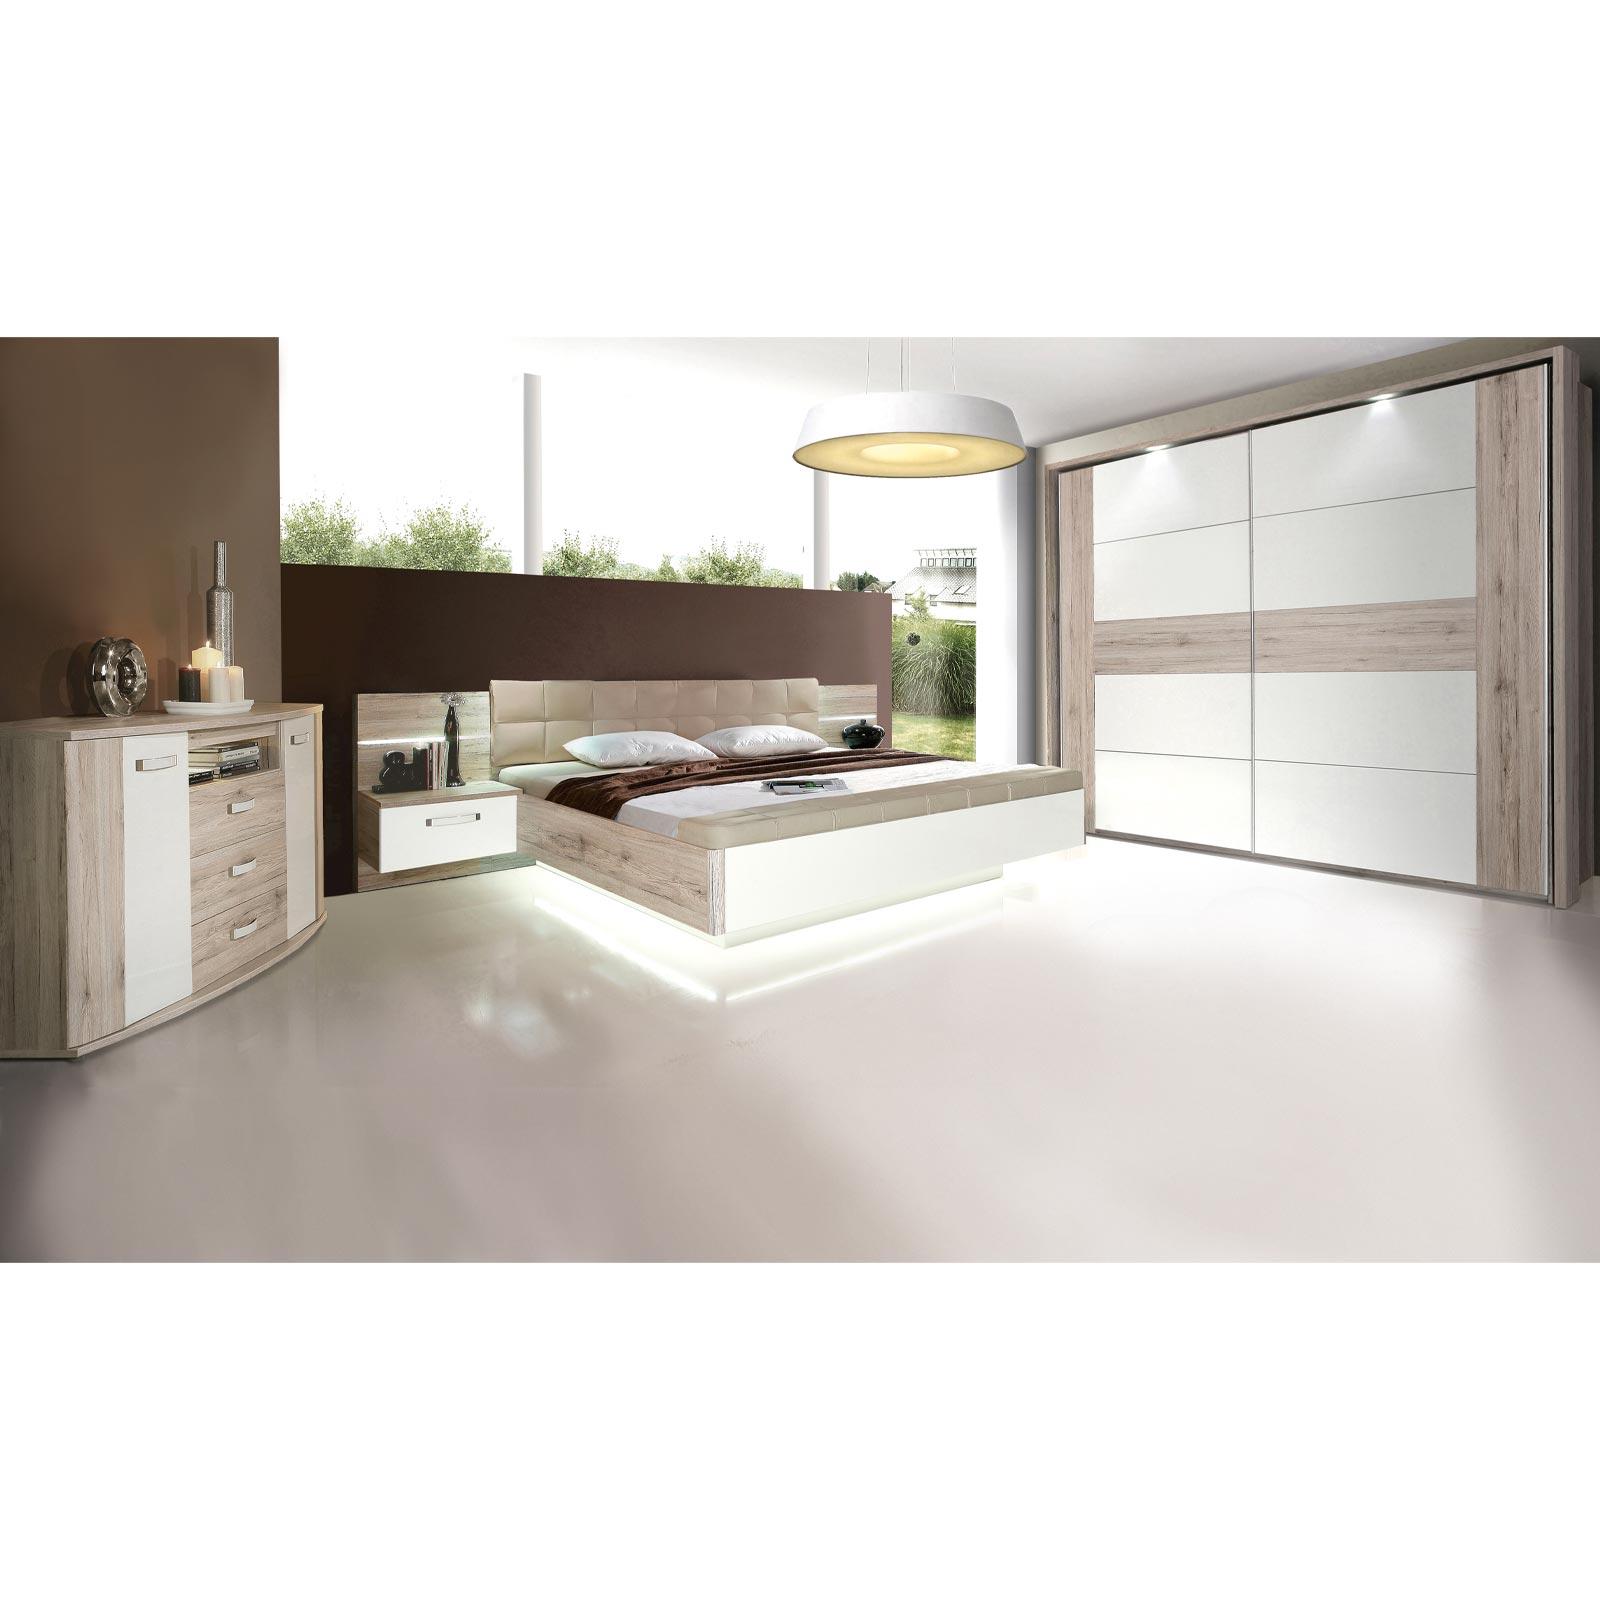 Ella@HOME 15-teiliges Schlafzimmer-Set - Sandeiche - weiß Hochglanz